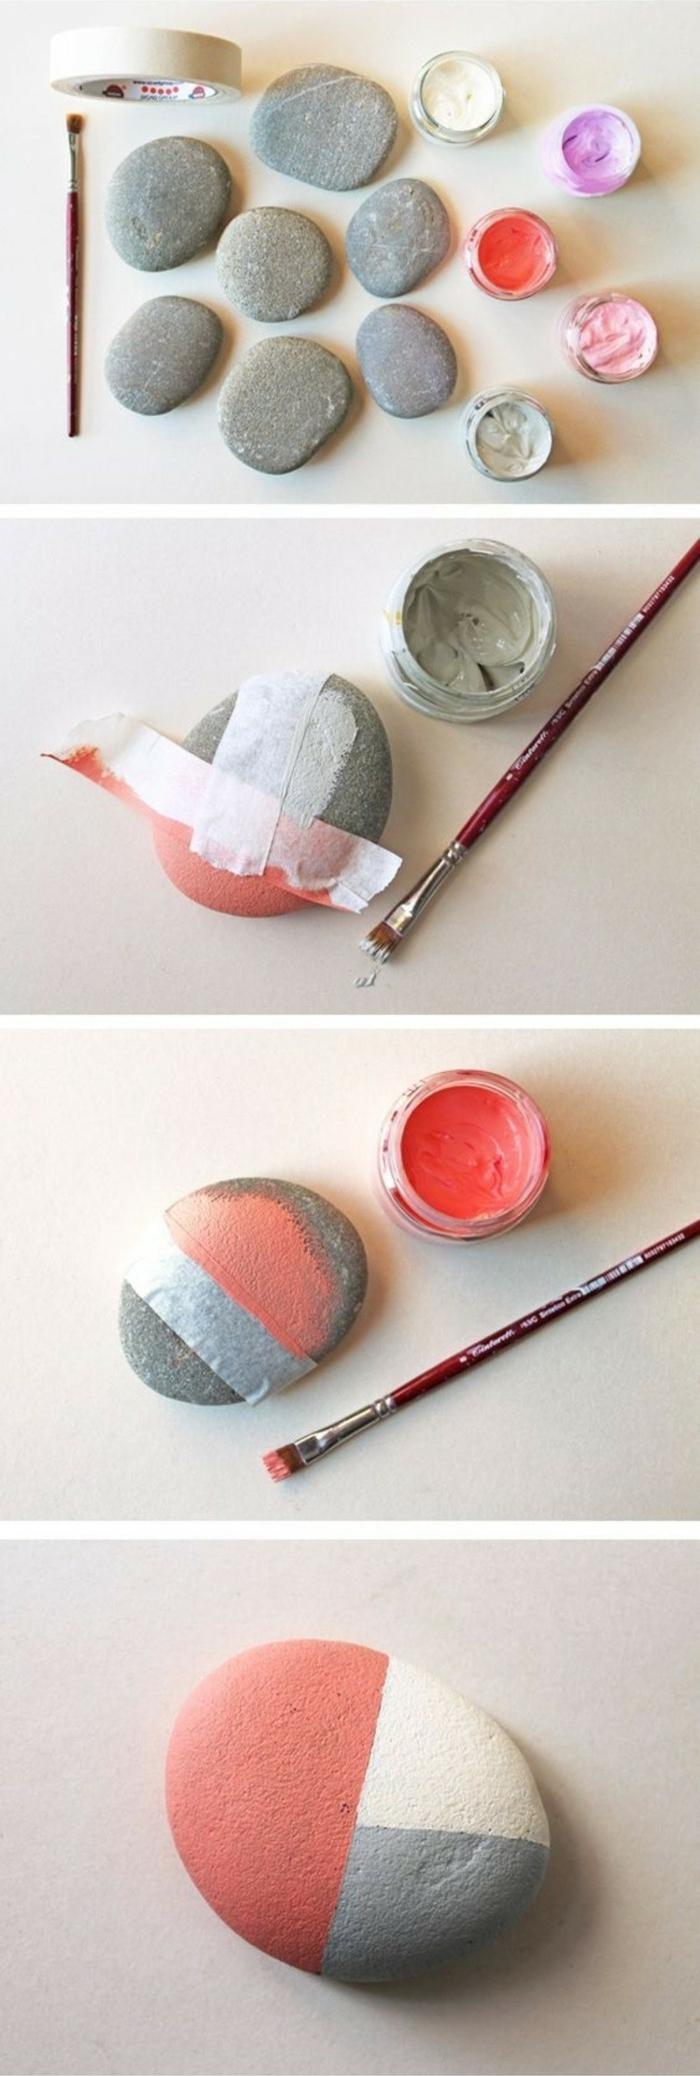 pintar piedras, tutorial paso a paso para pintar una piedra de tres colores con pintura acrilica y cinta adhesiva